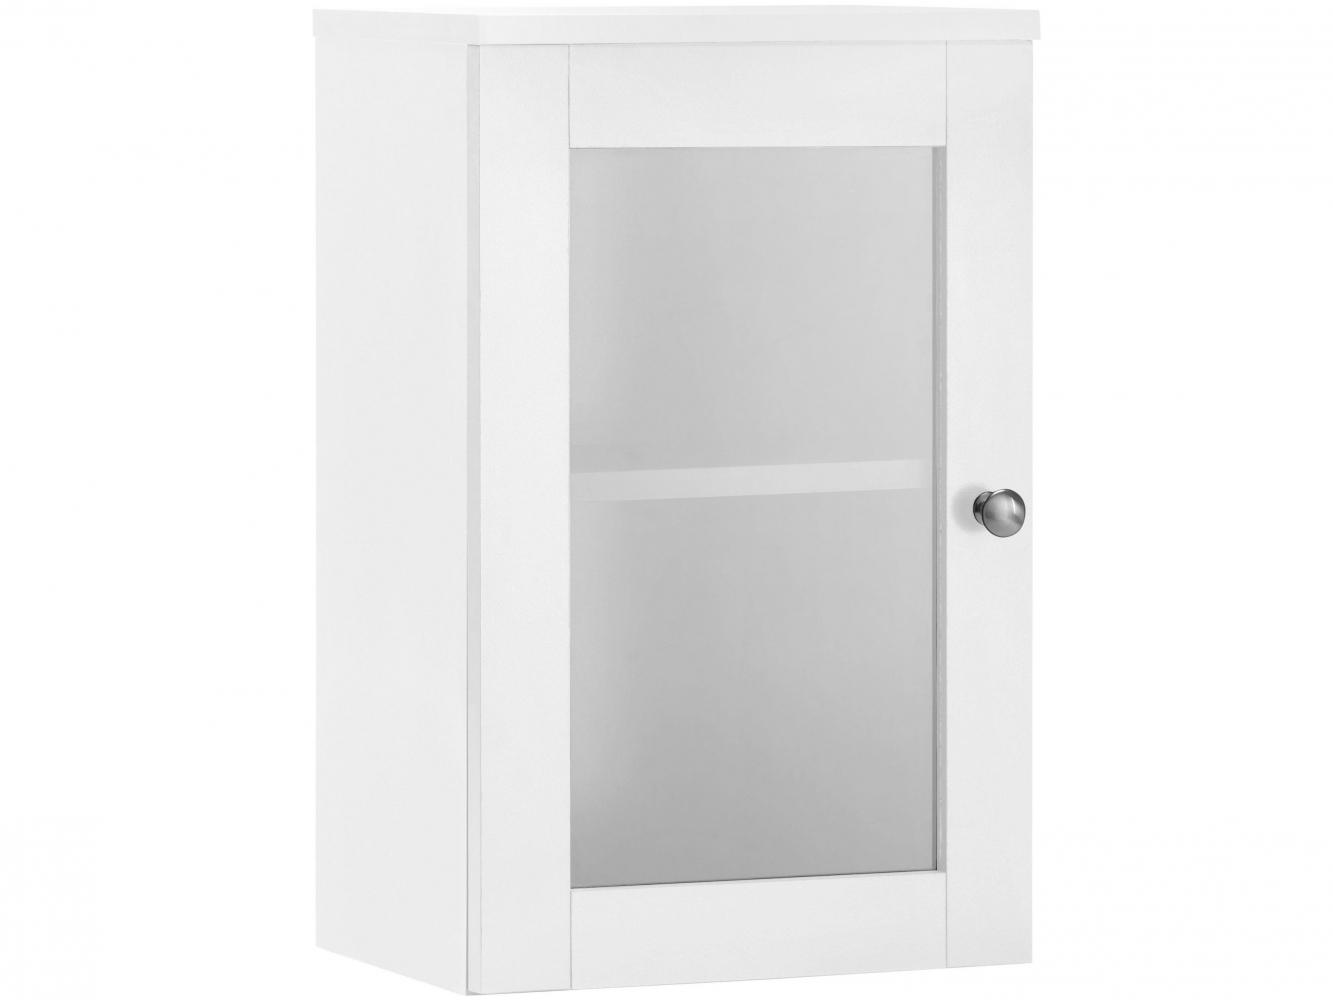 Nástěnná koupelnová skříňka Kiley, 50 cm, bílá